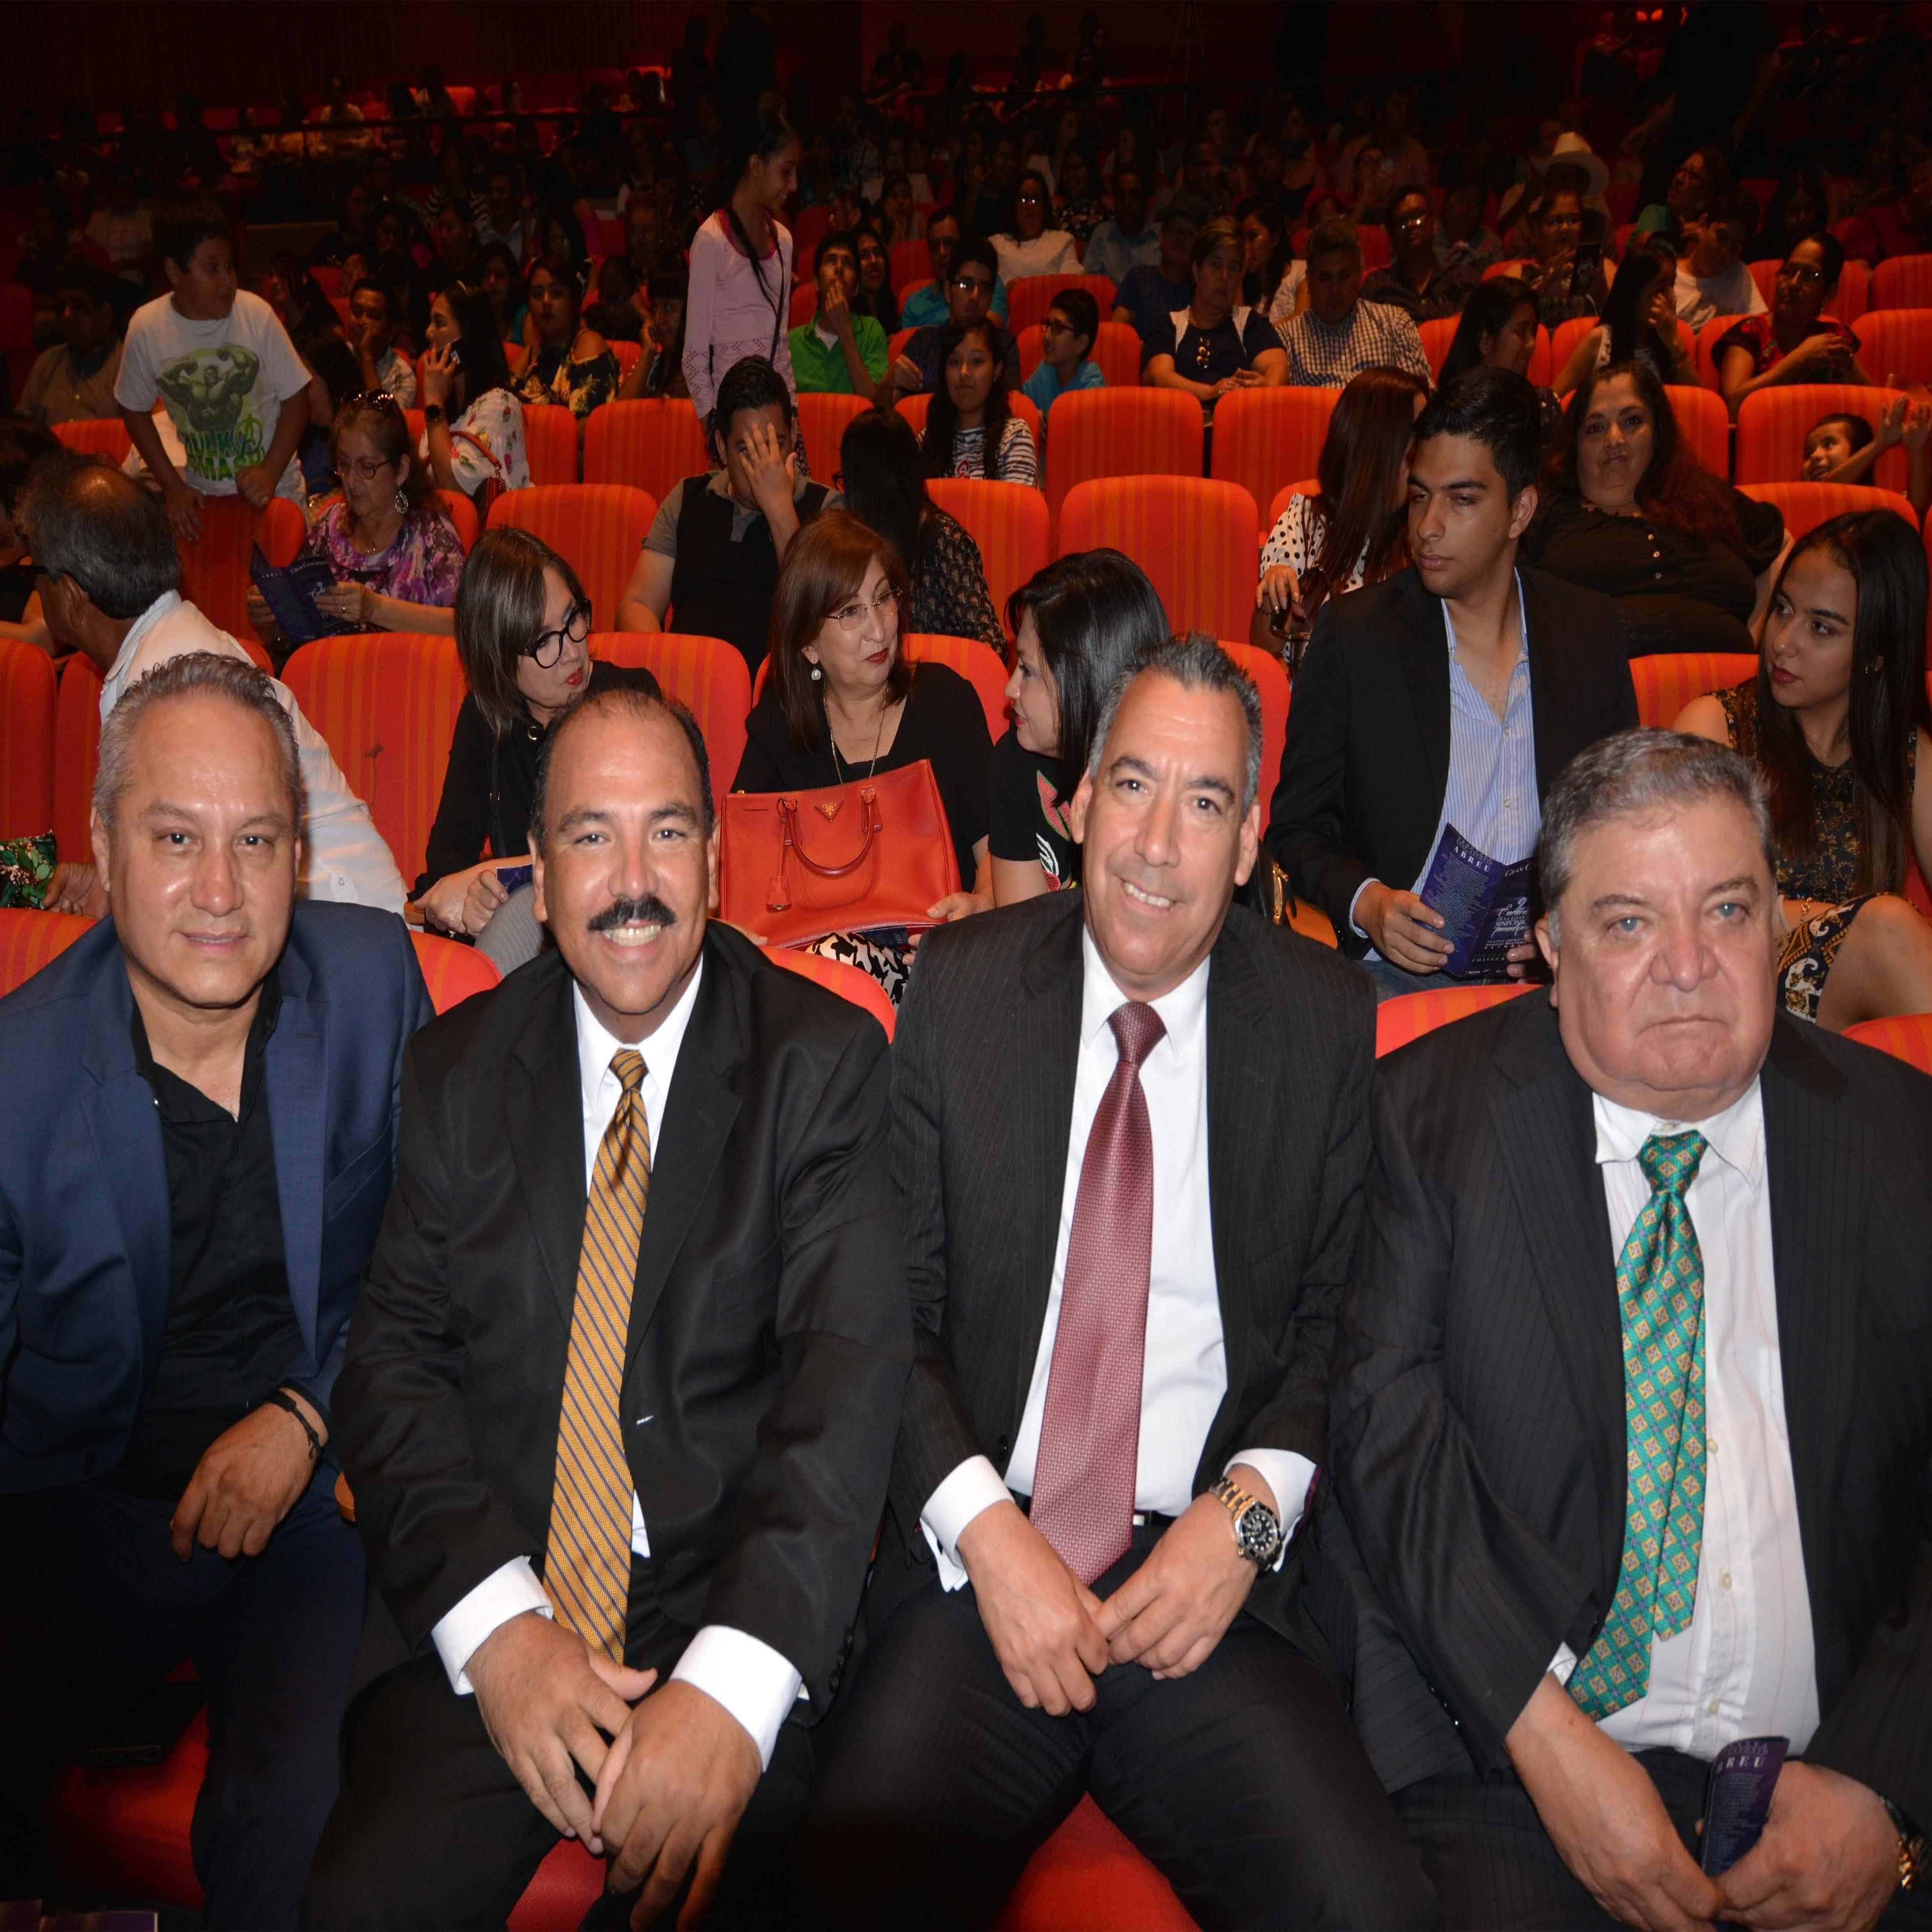 EN PRIMERA FILA. Sixto Reyes, José Luis Hernández Garza, Lic. Alfonso Peña y Lic. Orlando Deándar Martínez.